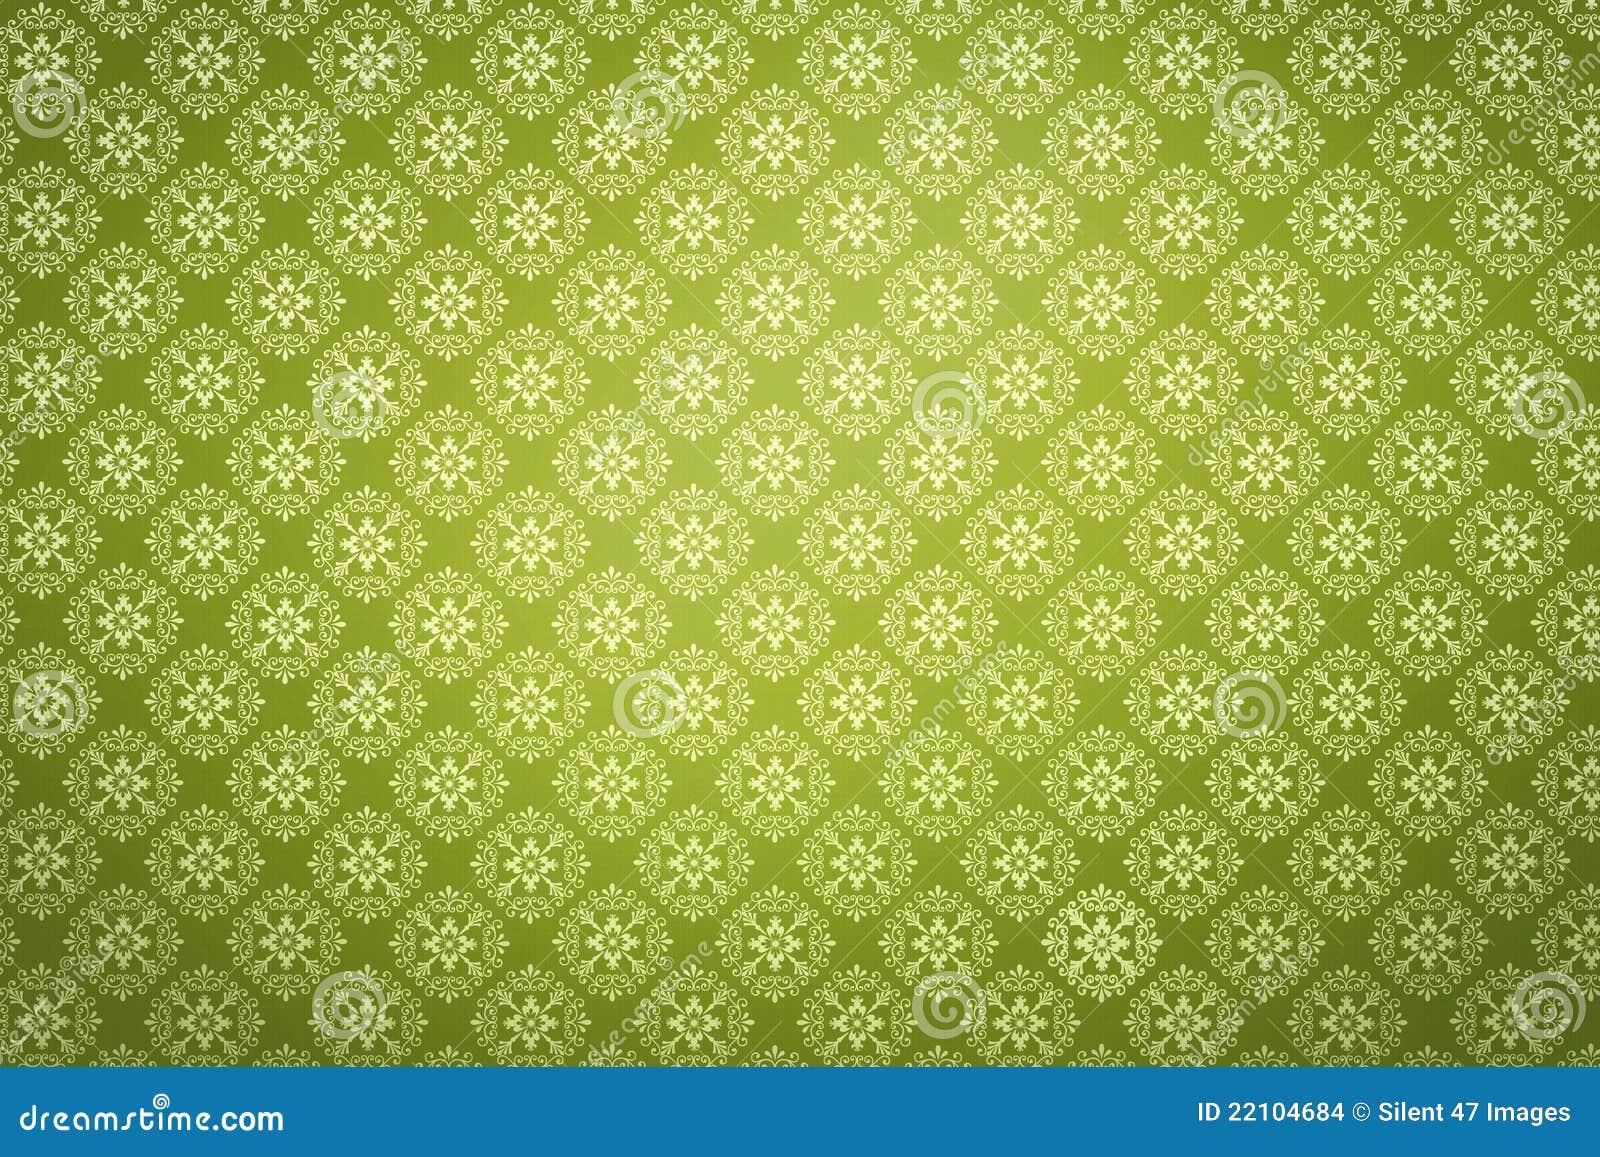 Papel pintado verde imagenes de archivo imagen 22104684 - Papel pintado verde ...